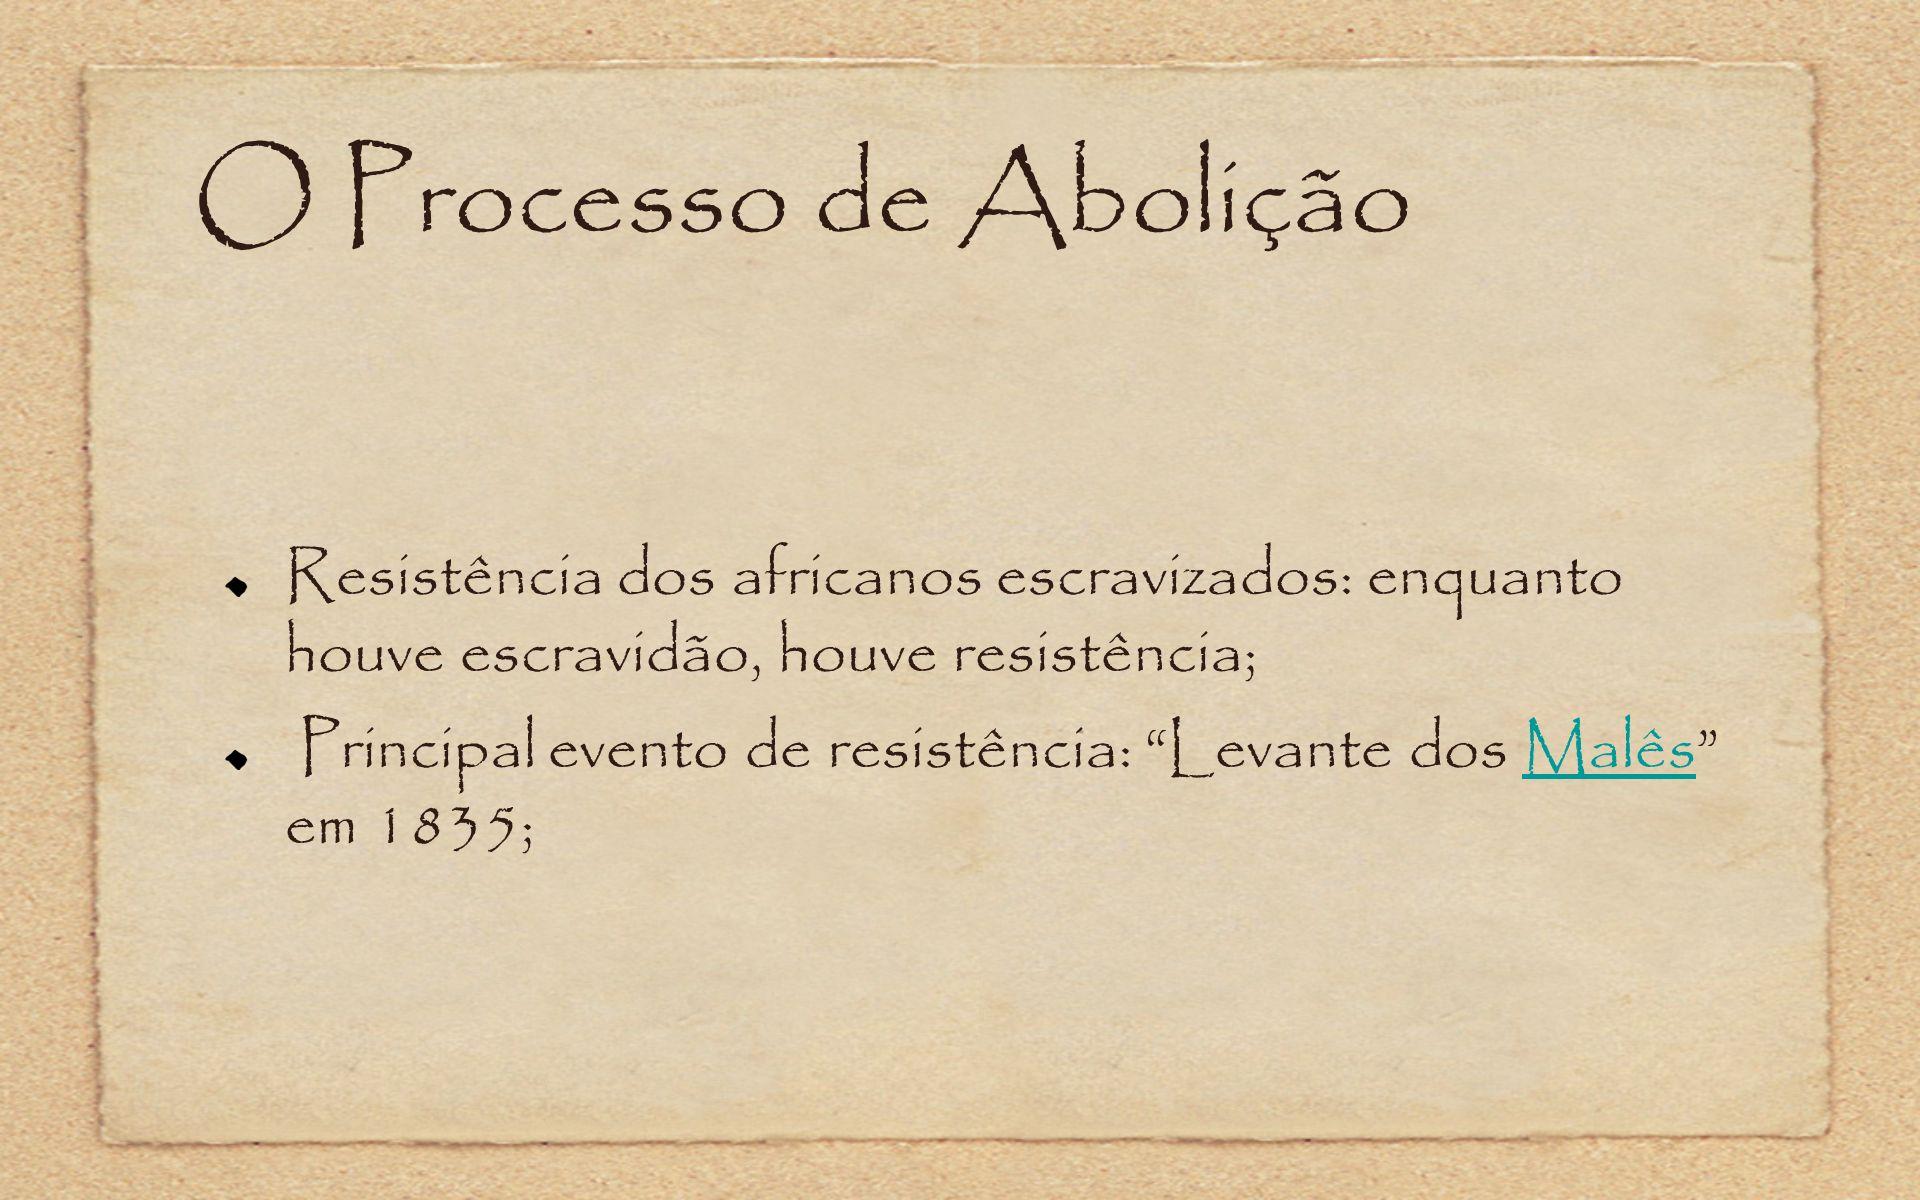 O Processo de AboliçãoResistência dos africanos escravizados: enquanto houve escravidão, houve resistência;